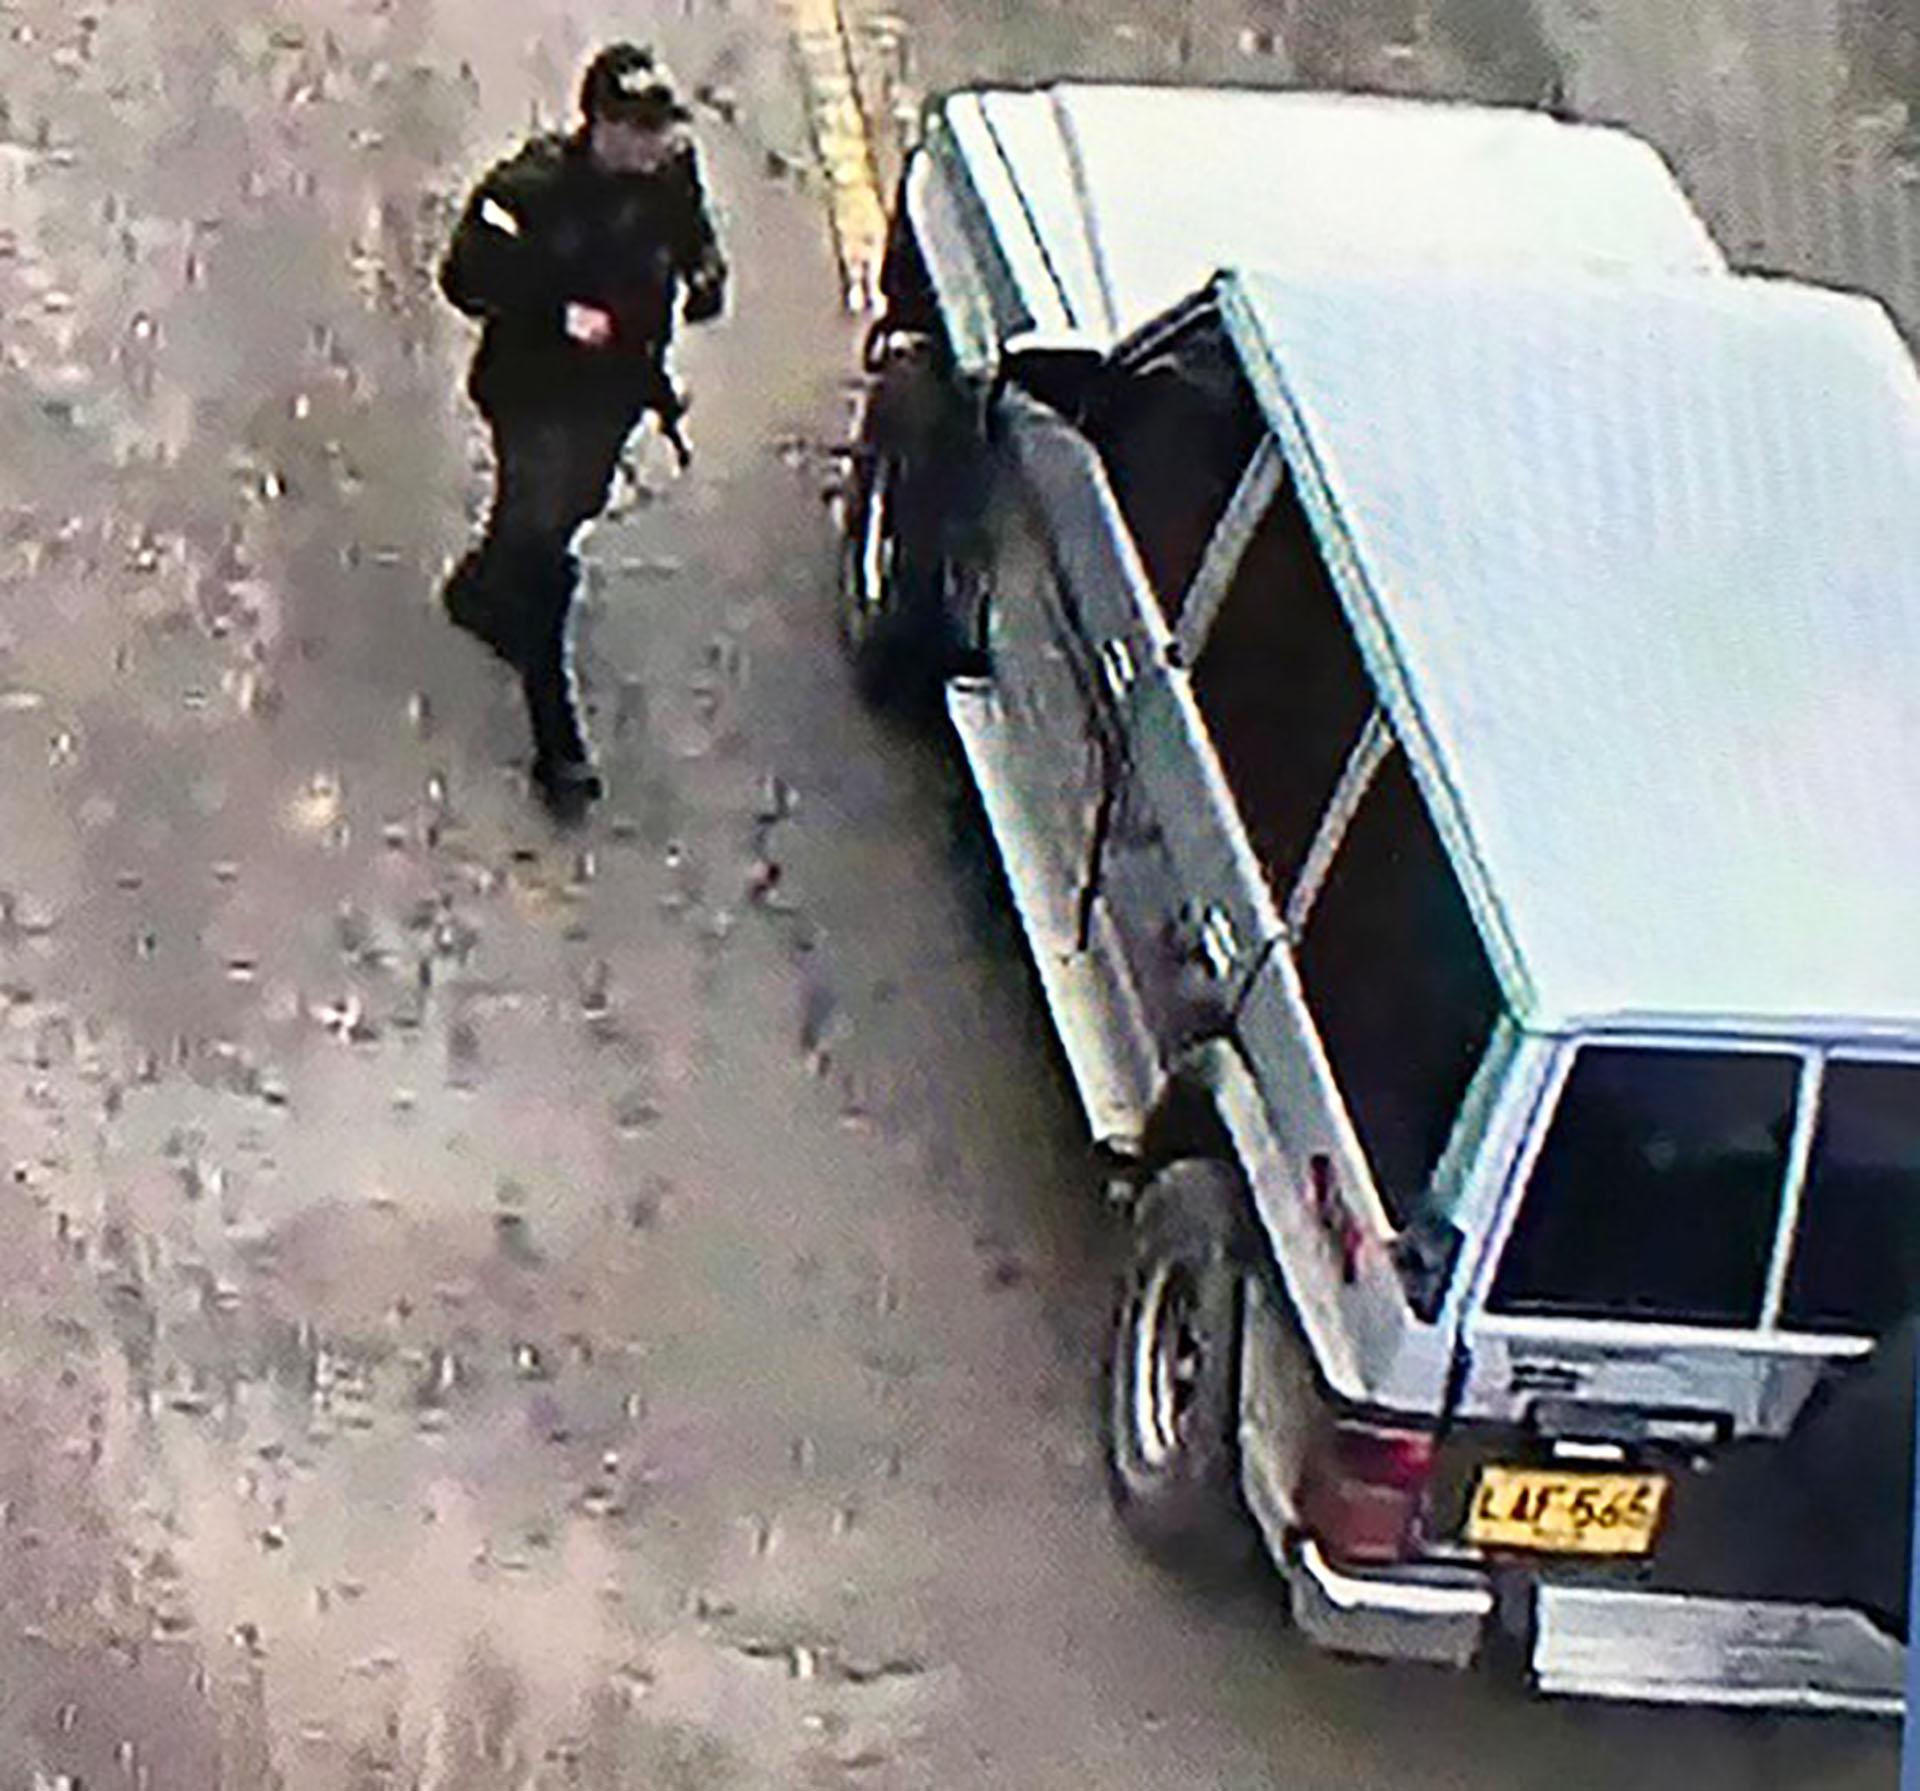 Esta es la camioneta Nissan Patrol, modelo 1993, que explotó dentro de la escuela policial.